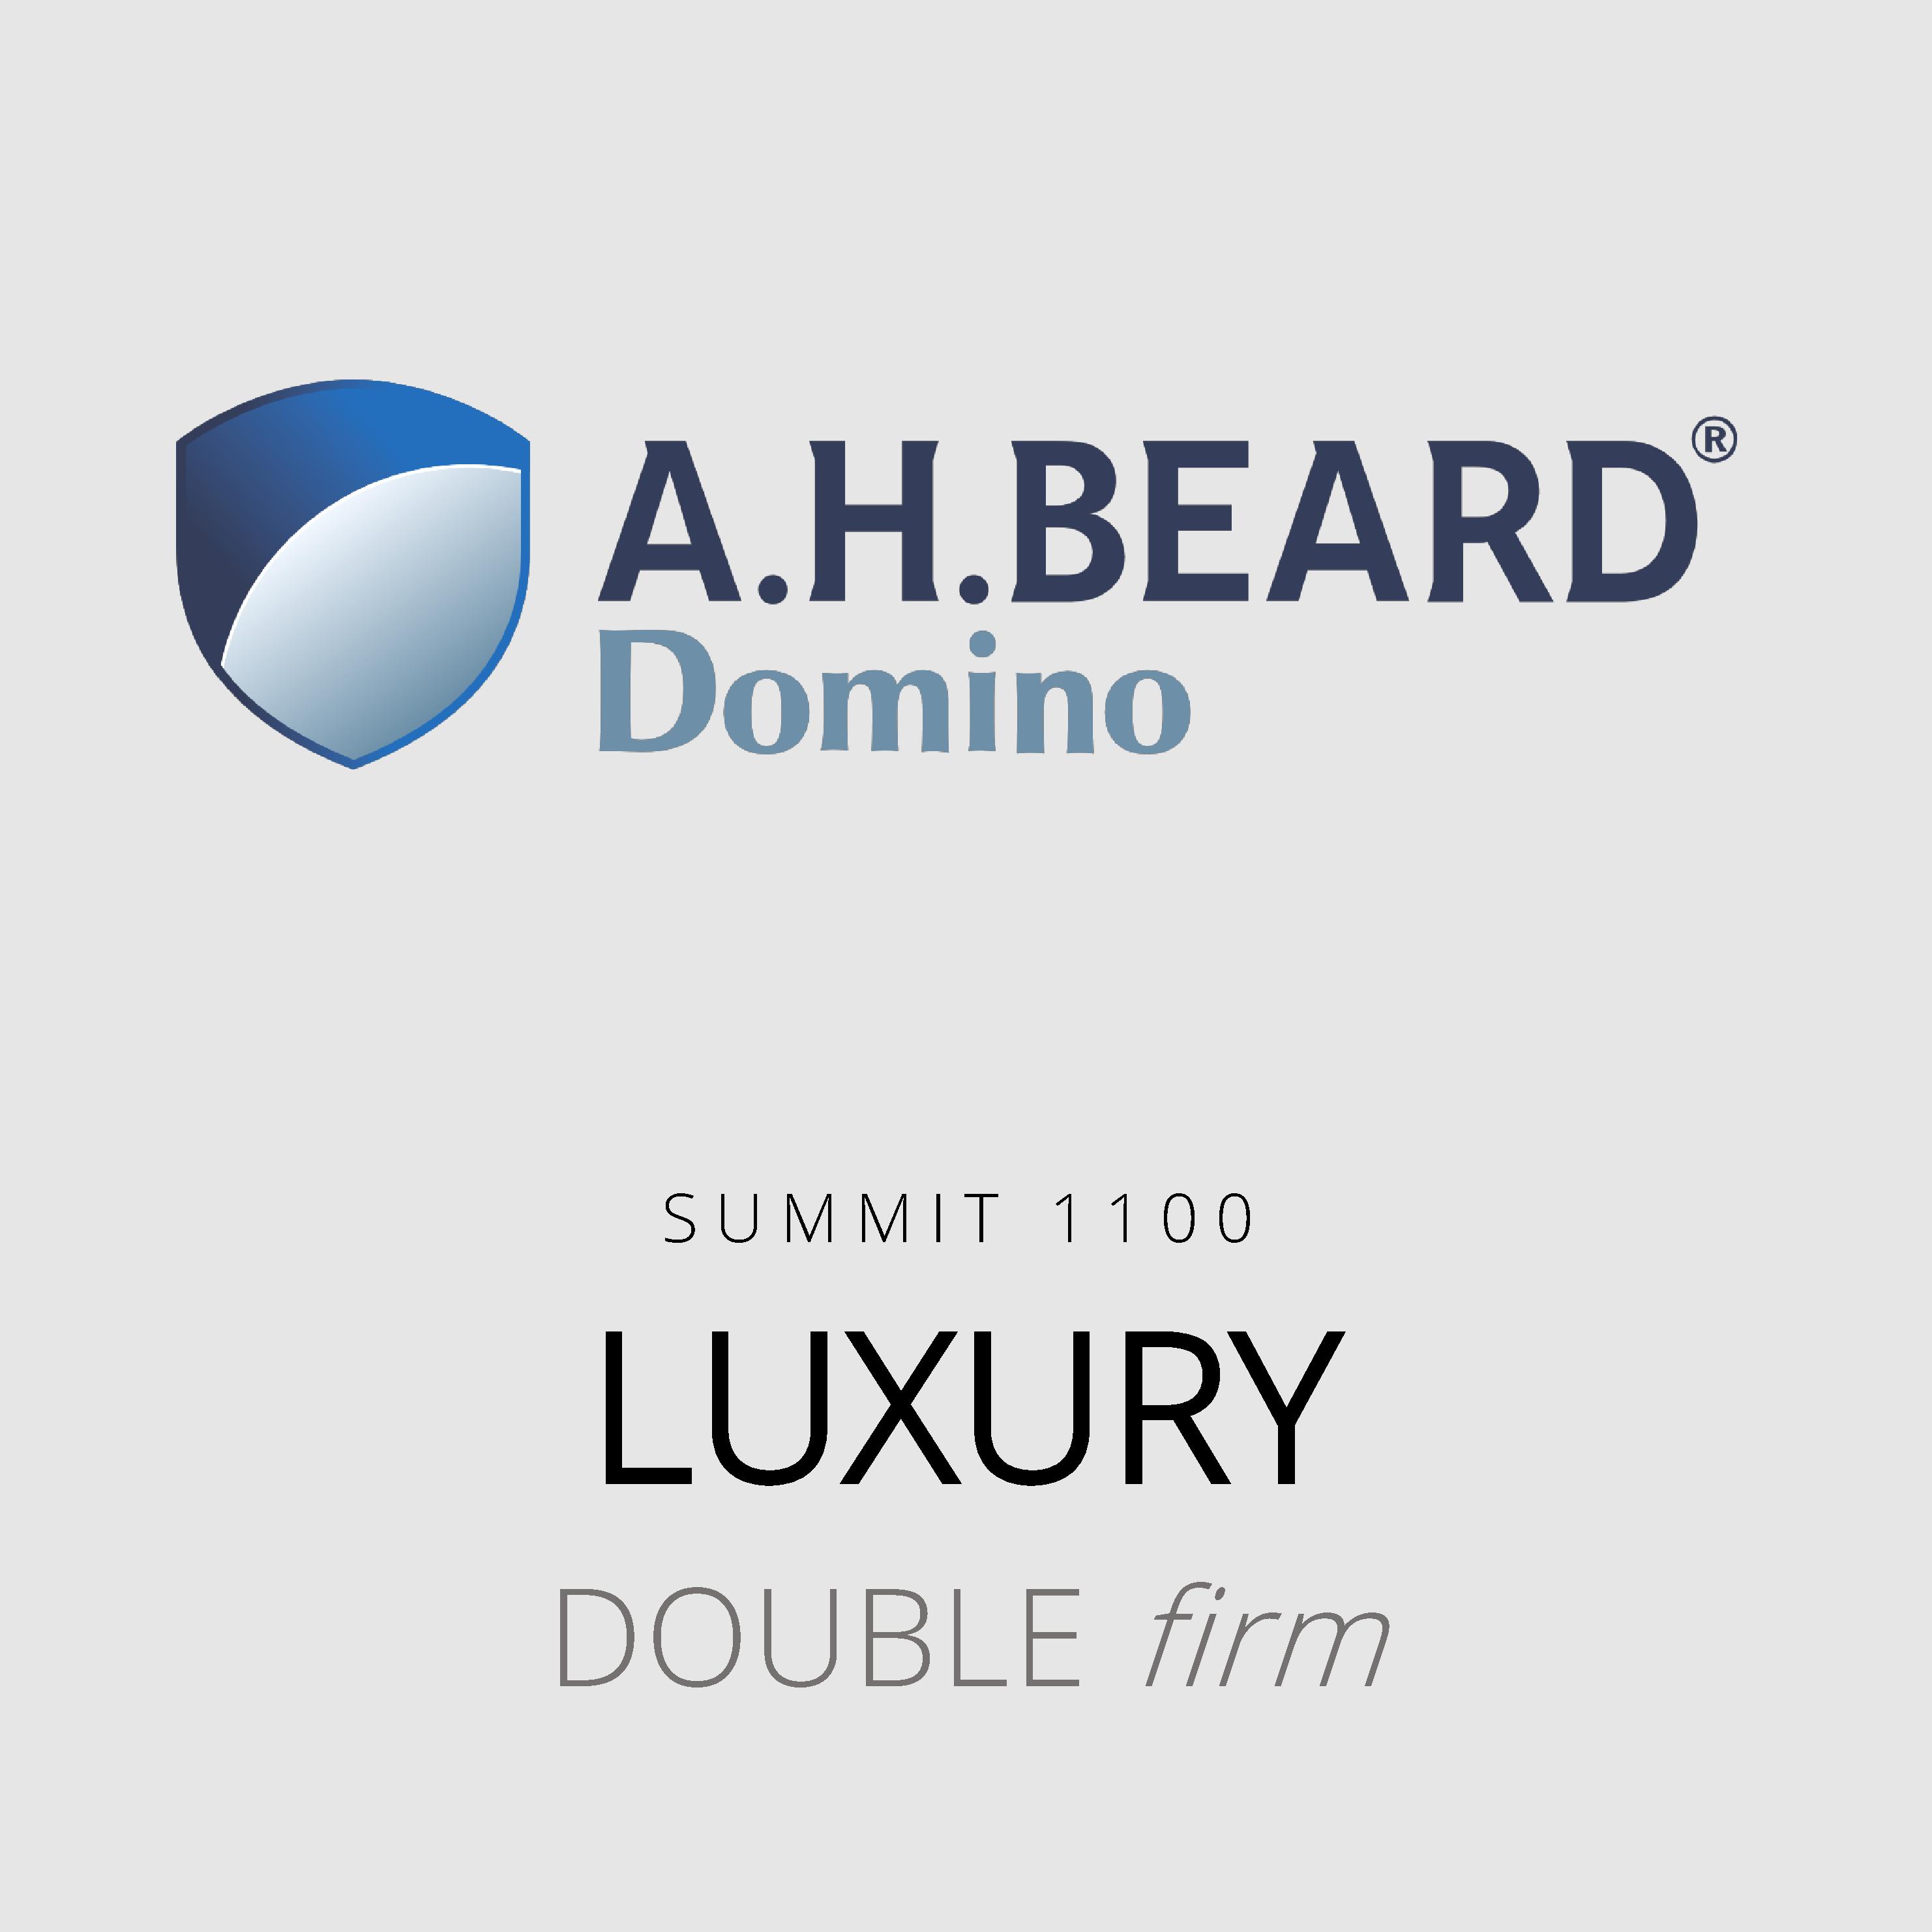 AH Beard Domino – Luxury – Summit 1100 – Double Firm Mattress